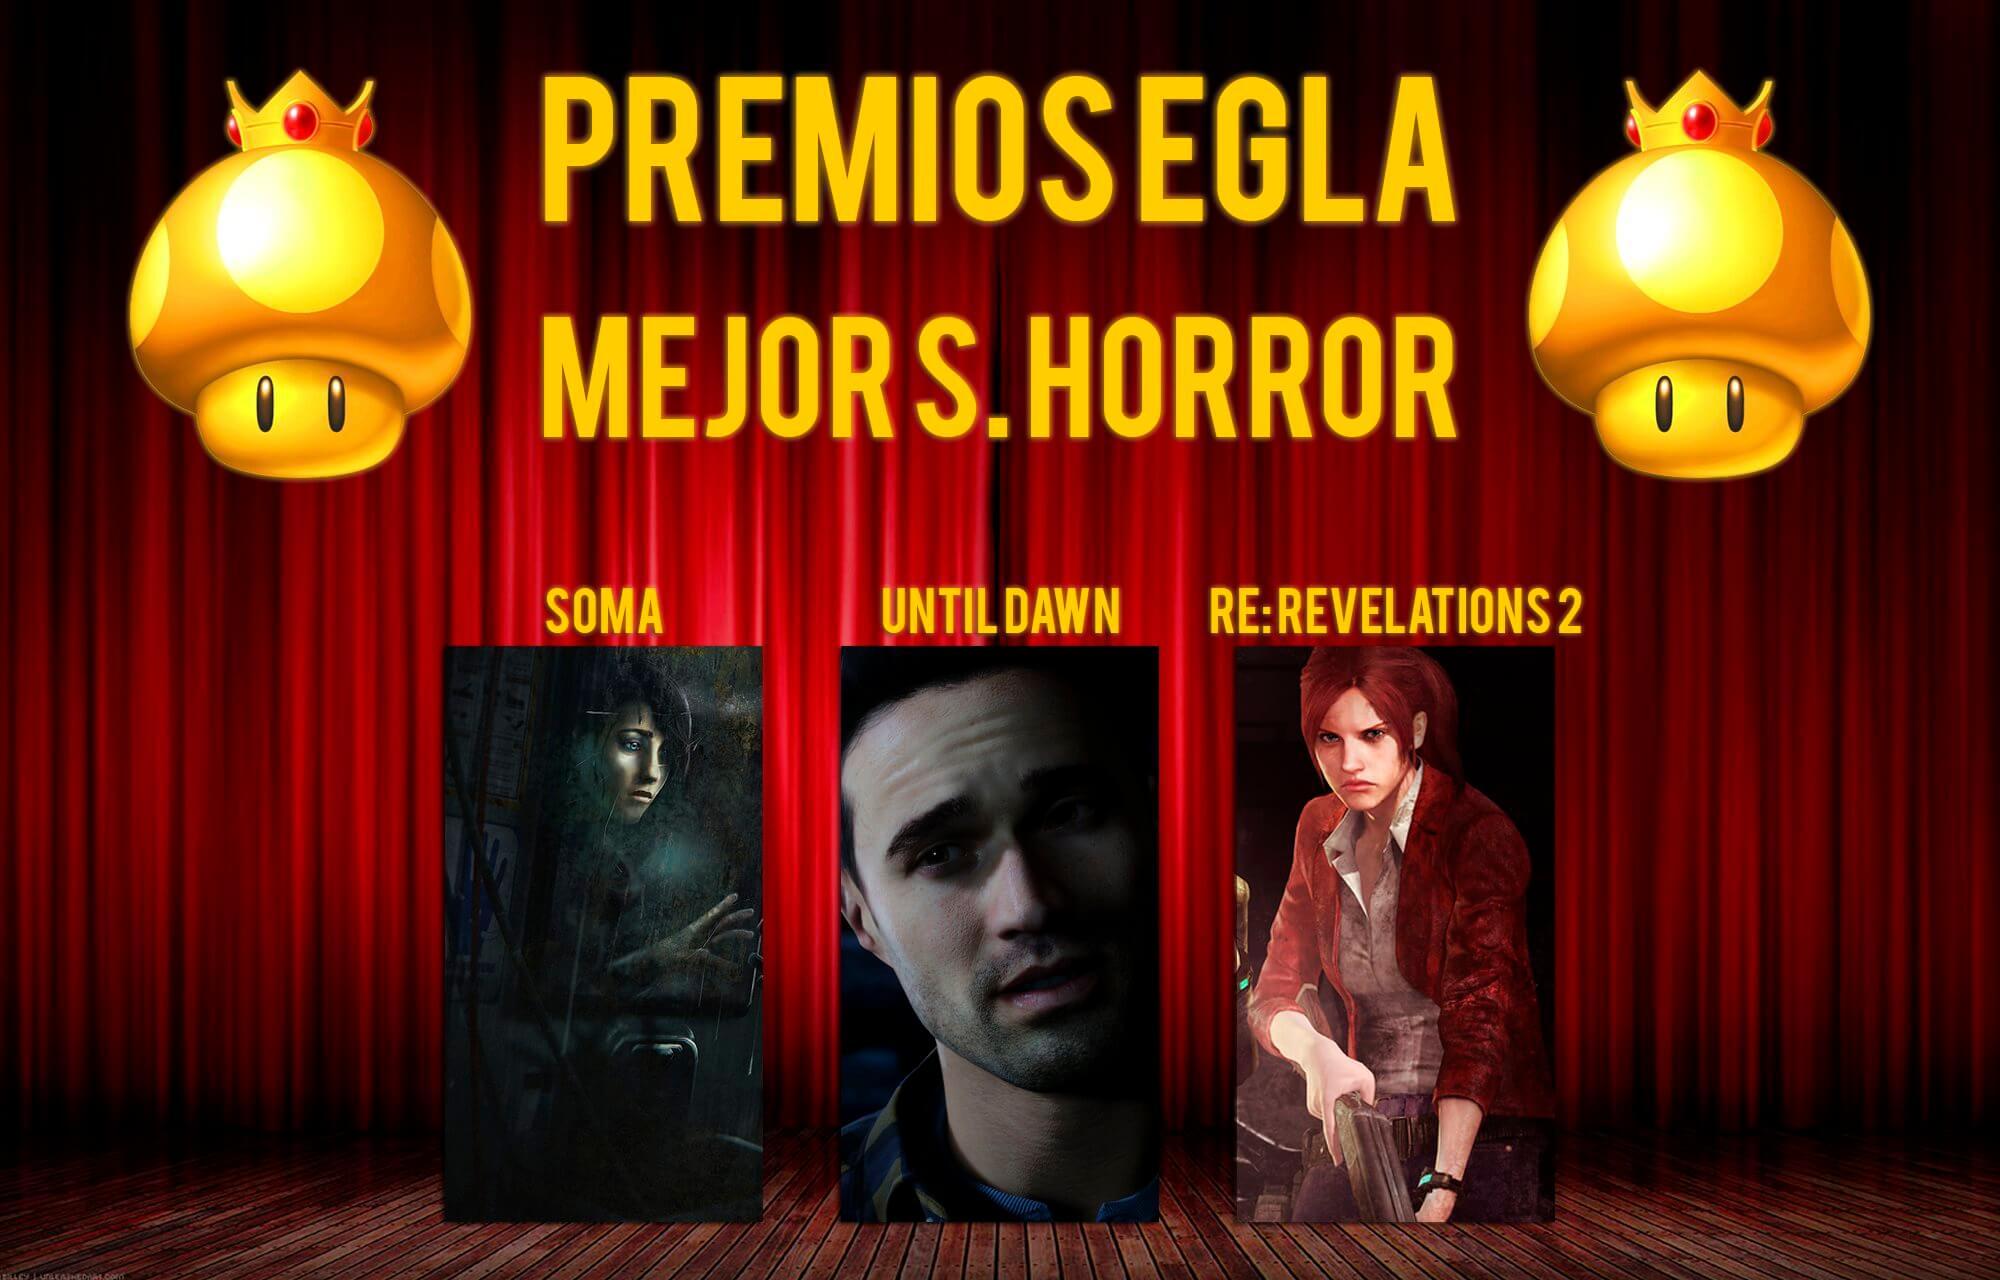 Premios EGLA 2015 Mejor Survival Horror